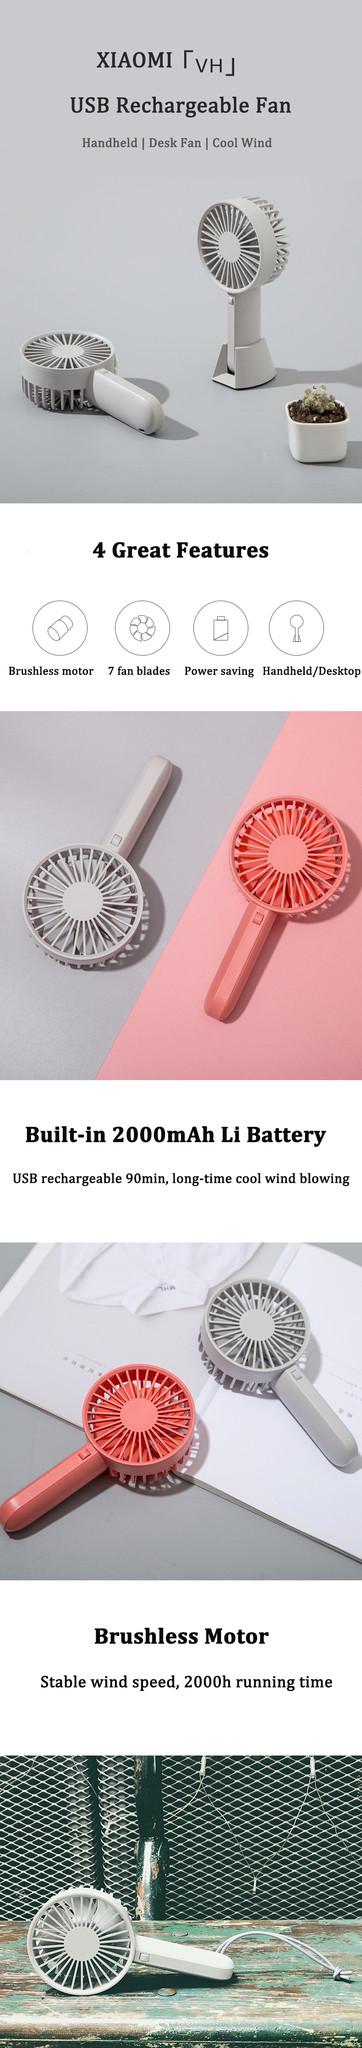 Оригинальный Xiaomi Mijia VH вентилятор портативный ручной с перезаряжаемым встроенным аккумулятором